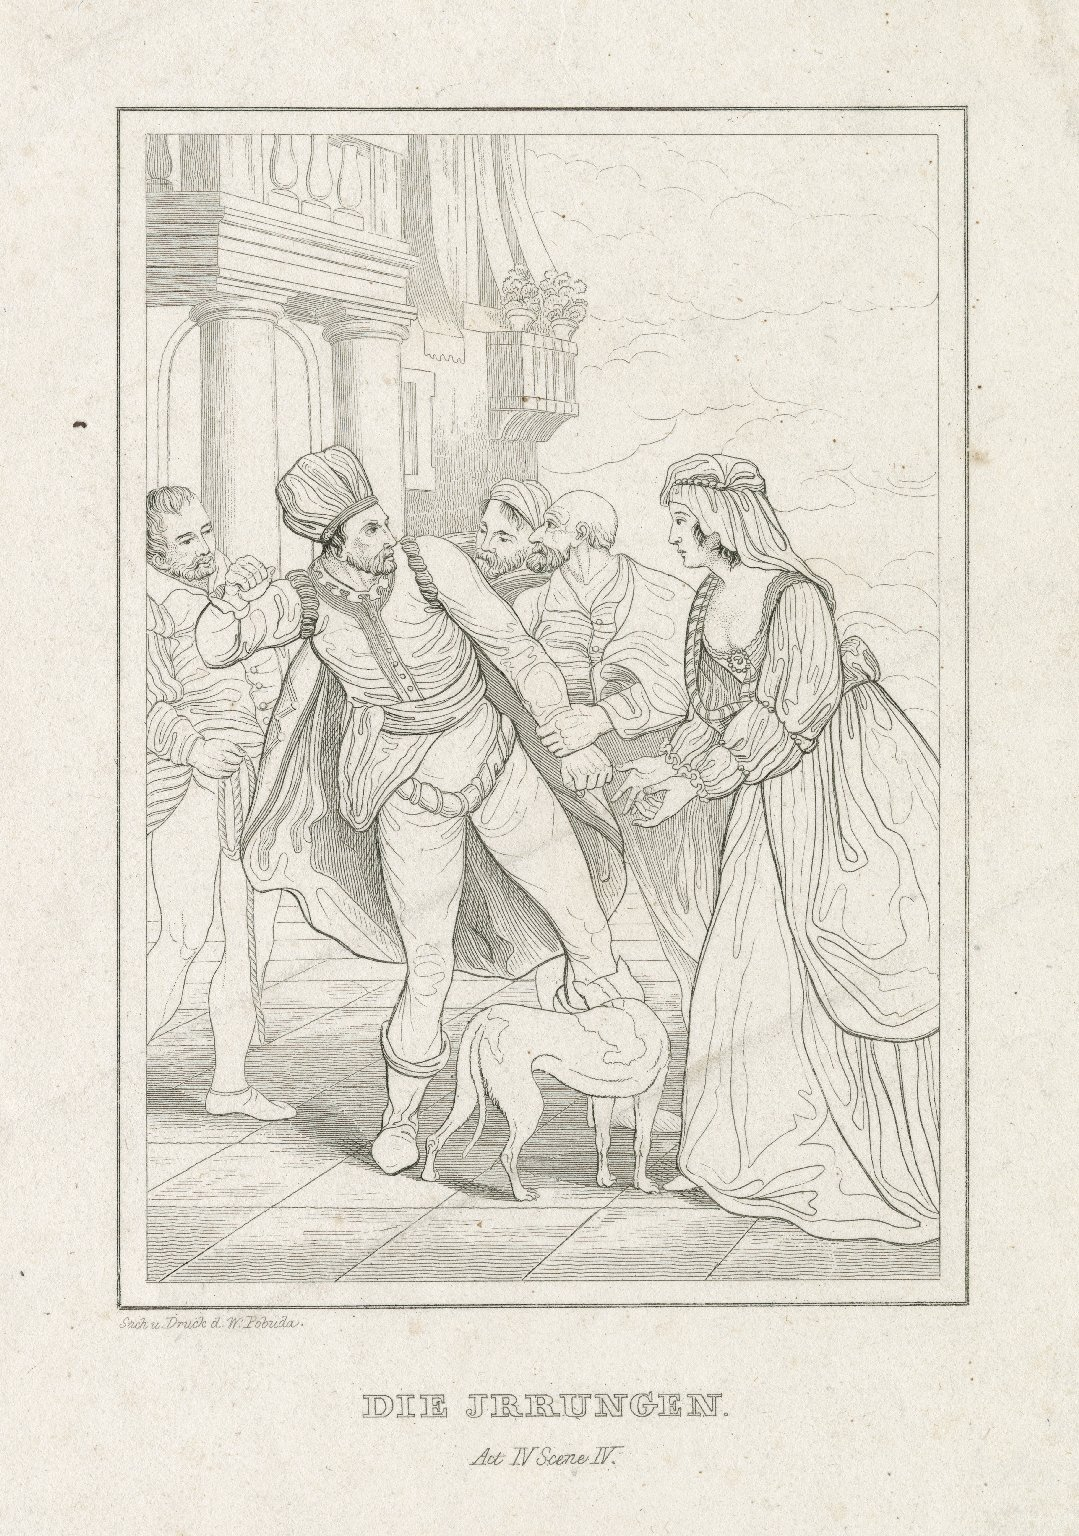 Die Jrrungen [i.e. Irrungen], act IV, scene IV [graphic] / Stich u. druck d. W. Pobuda.